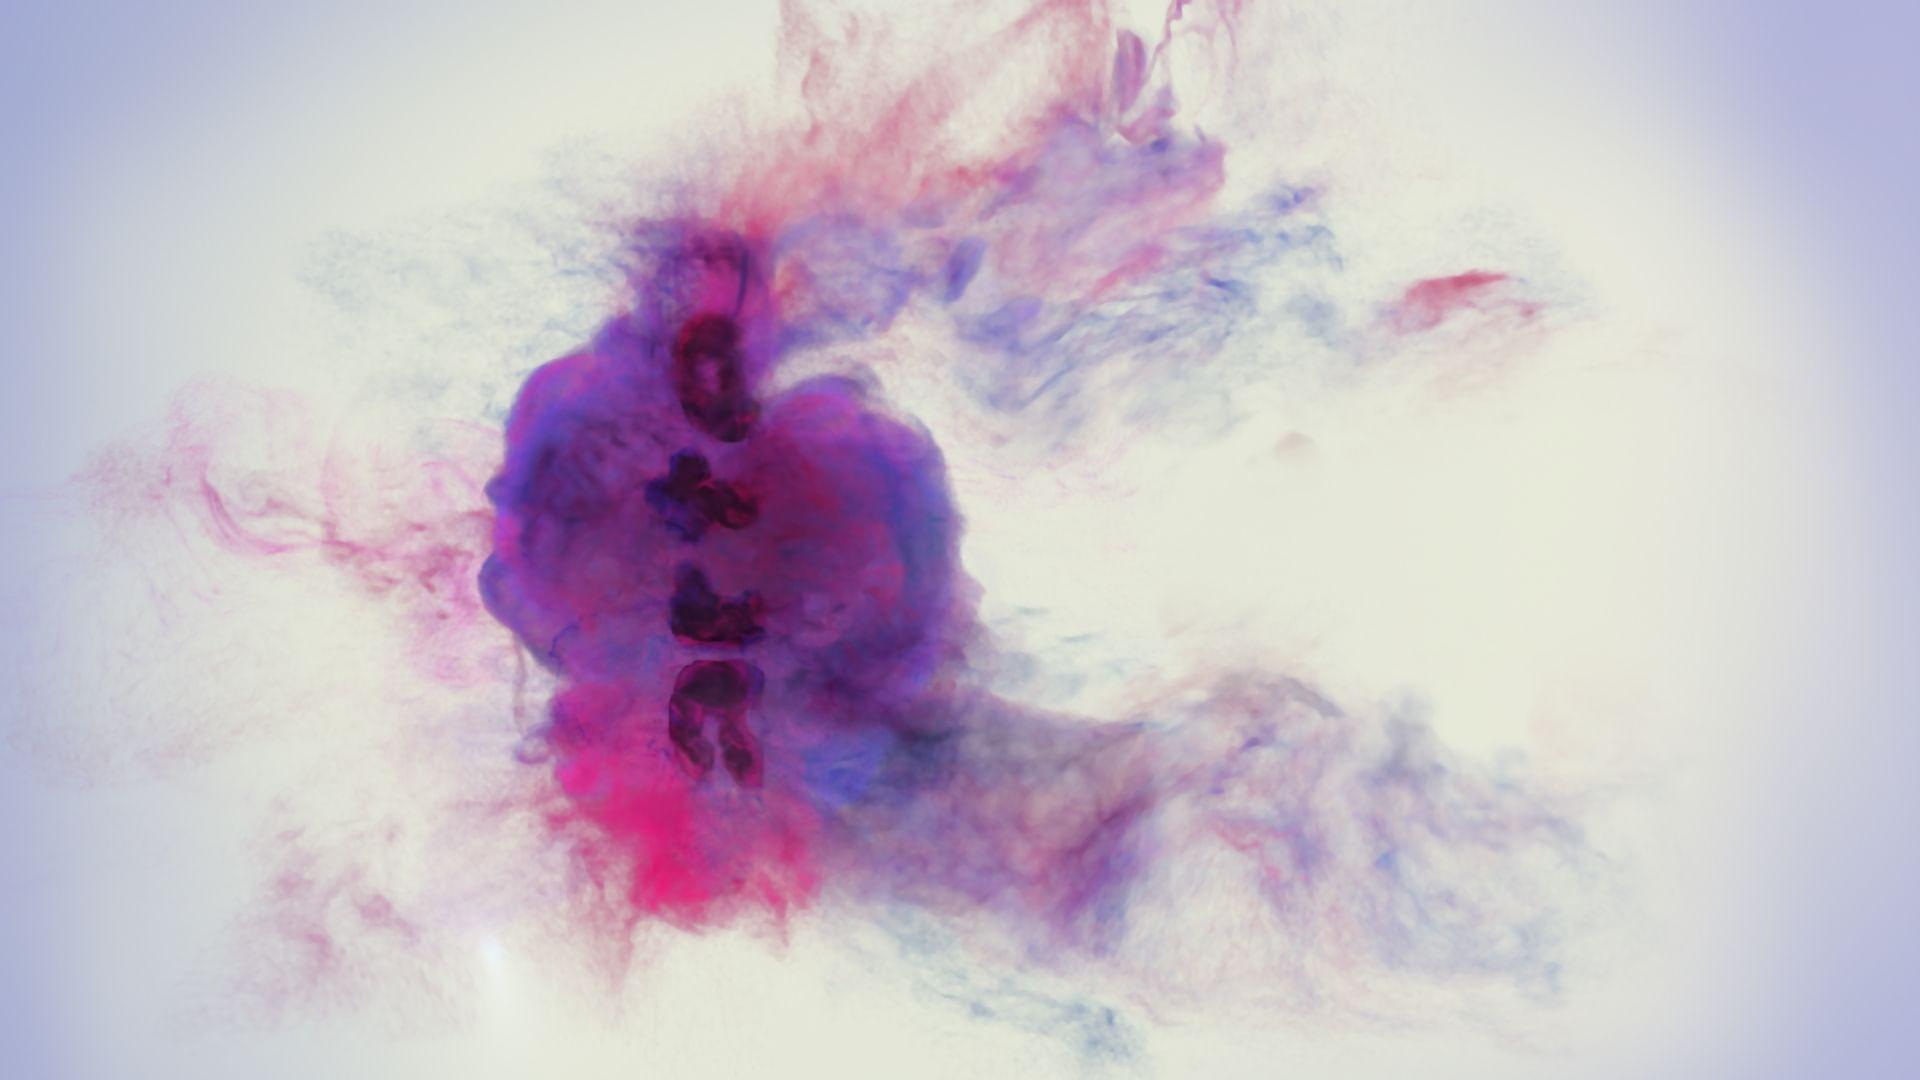 Cette année encore, ARTE Concert était à la Gaîté lyrique ! Les 6, 7 et 8 avril, cette institution parisienne a vécu au rythme de concerts, rencontres, projections et ateliers. Une programmation éclectique ou se sont entremêlés pop, rock, electro, piano, groupes en développement et artistes au rayonnement international... le tout capté par La Blogothèque !